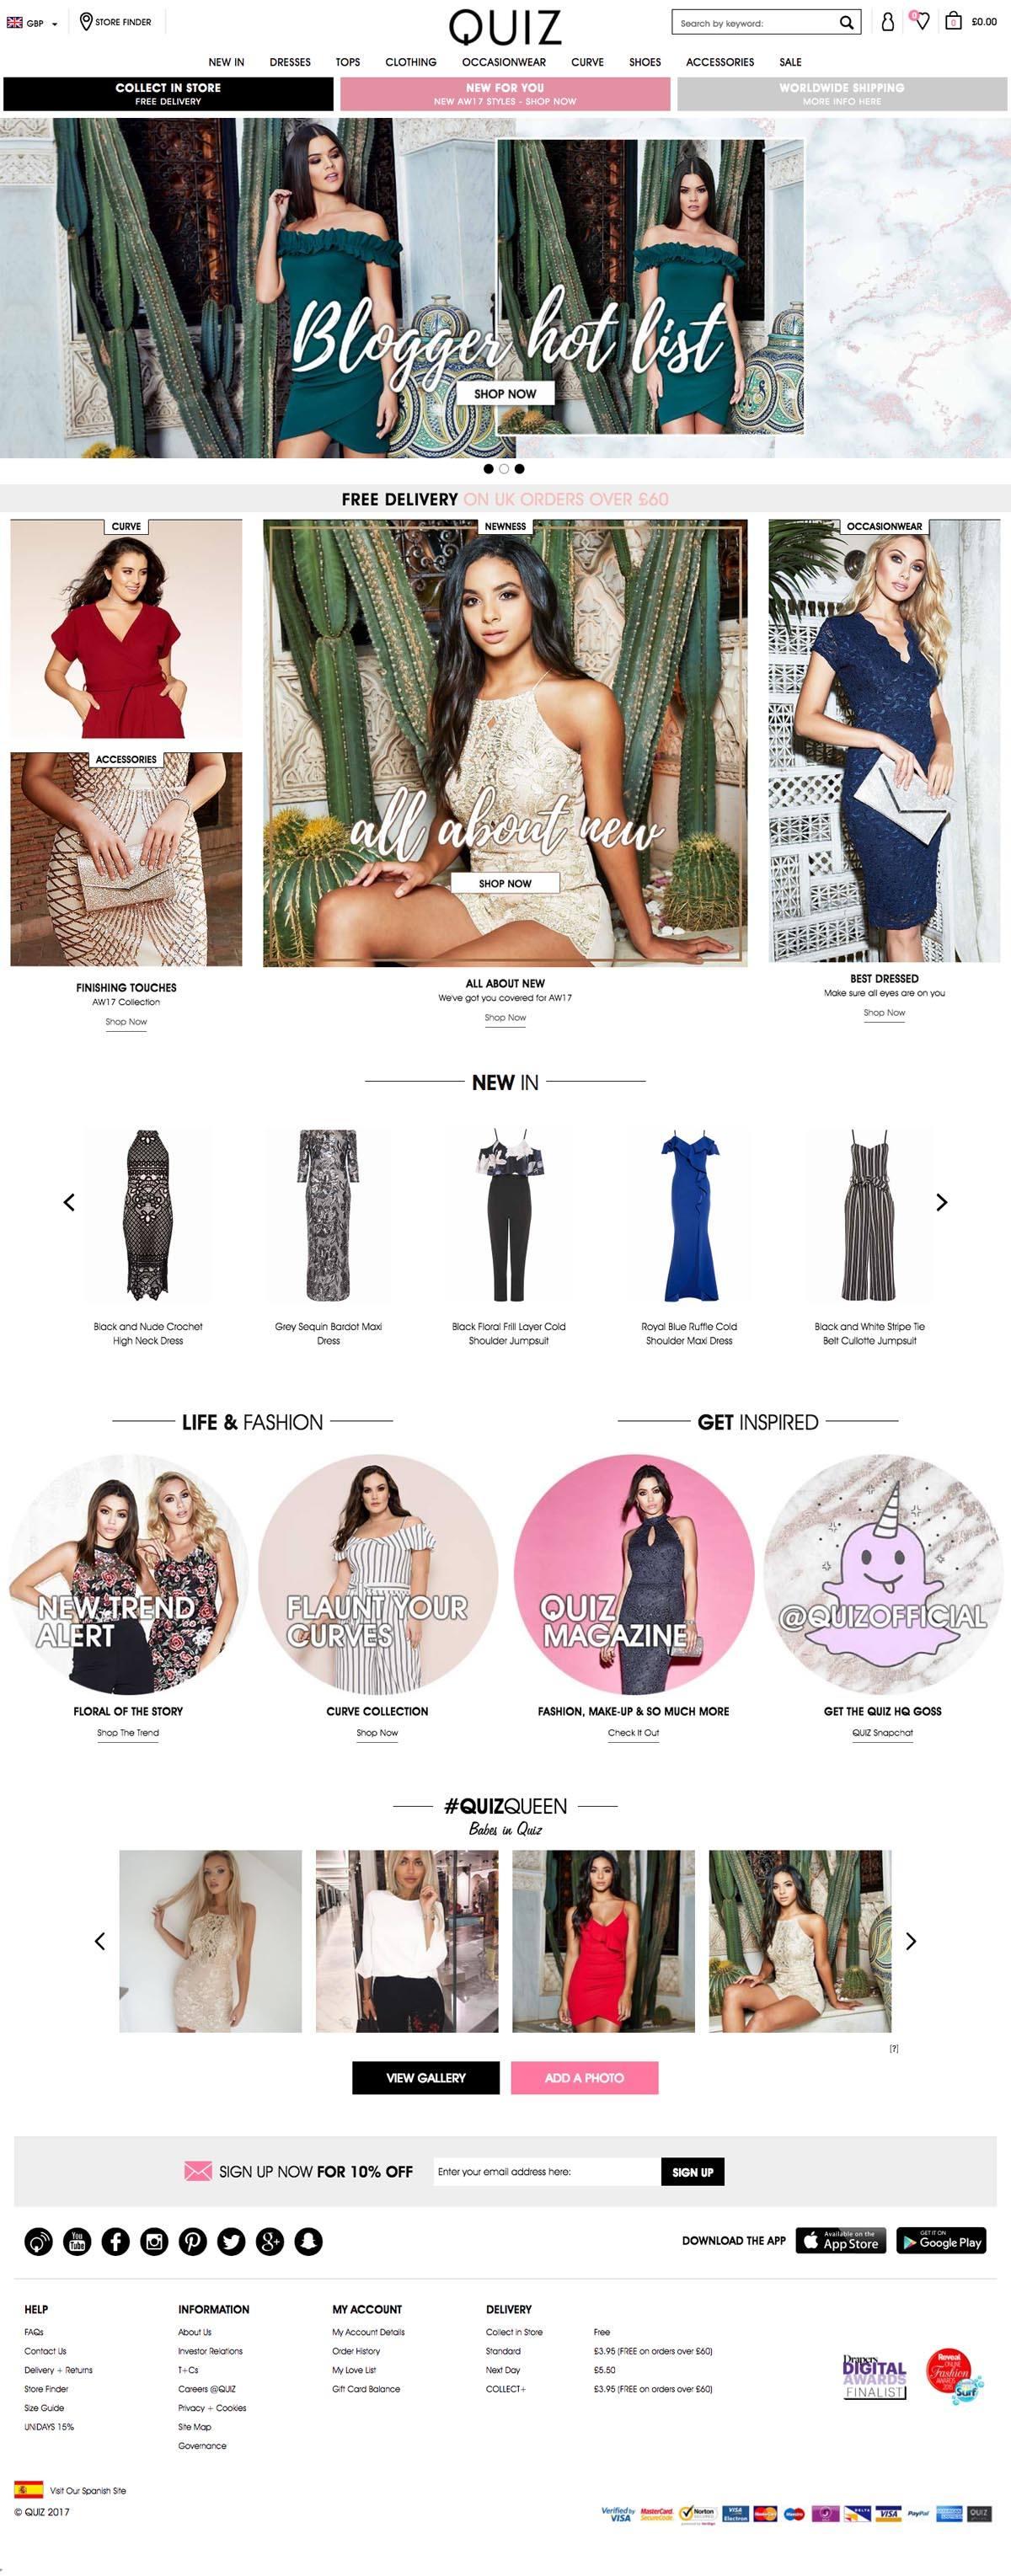 eCommerce website: QUIZ